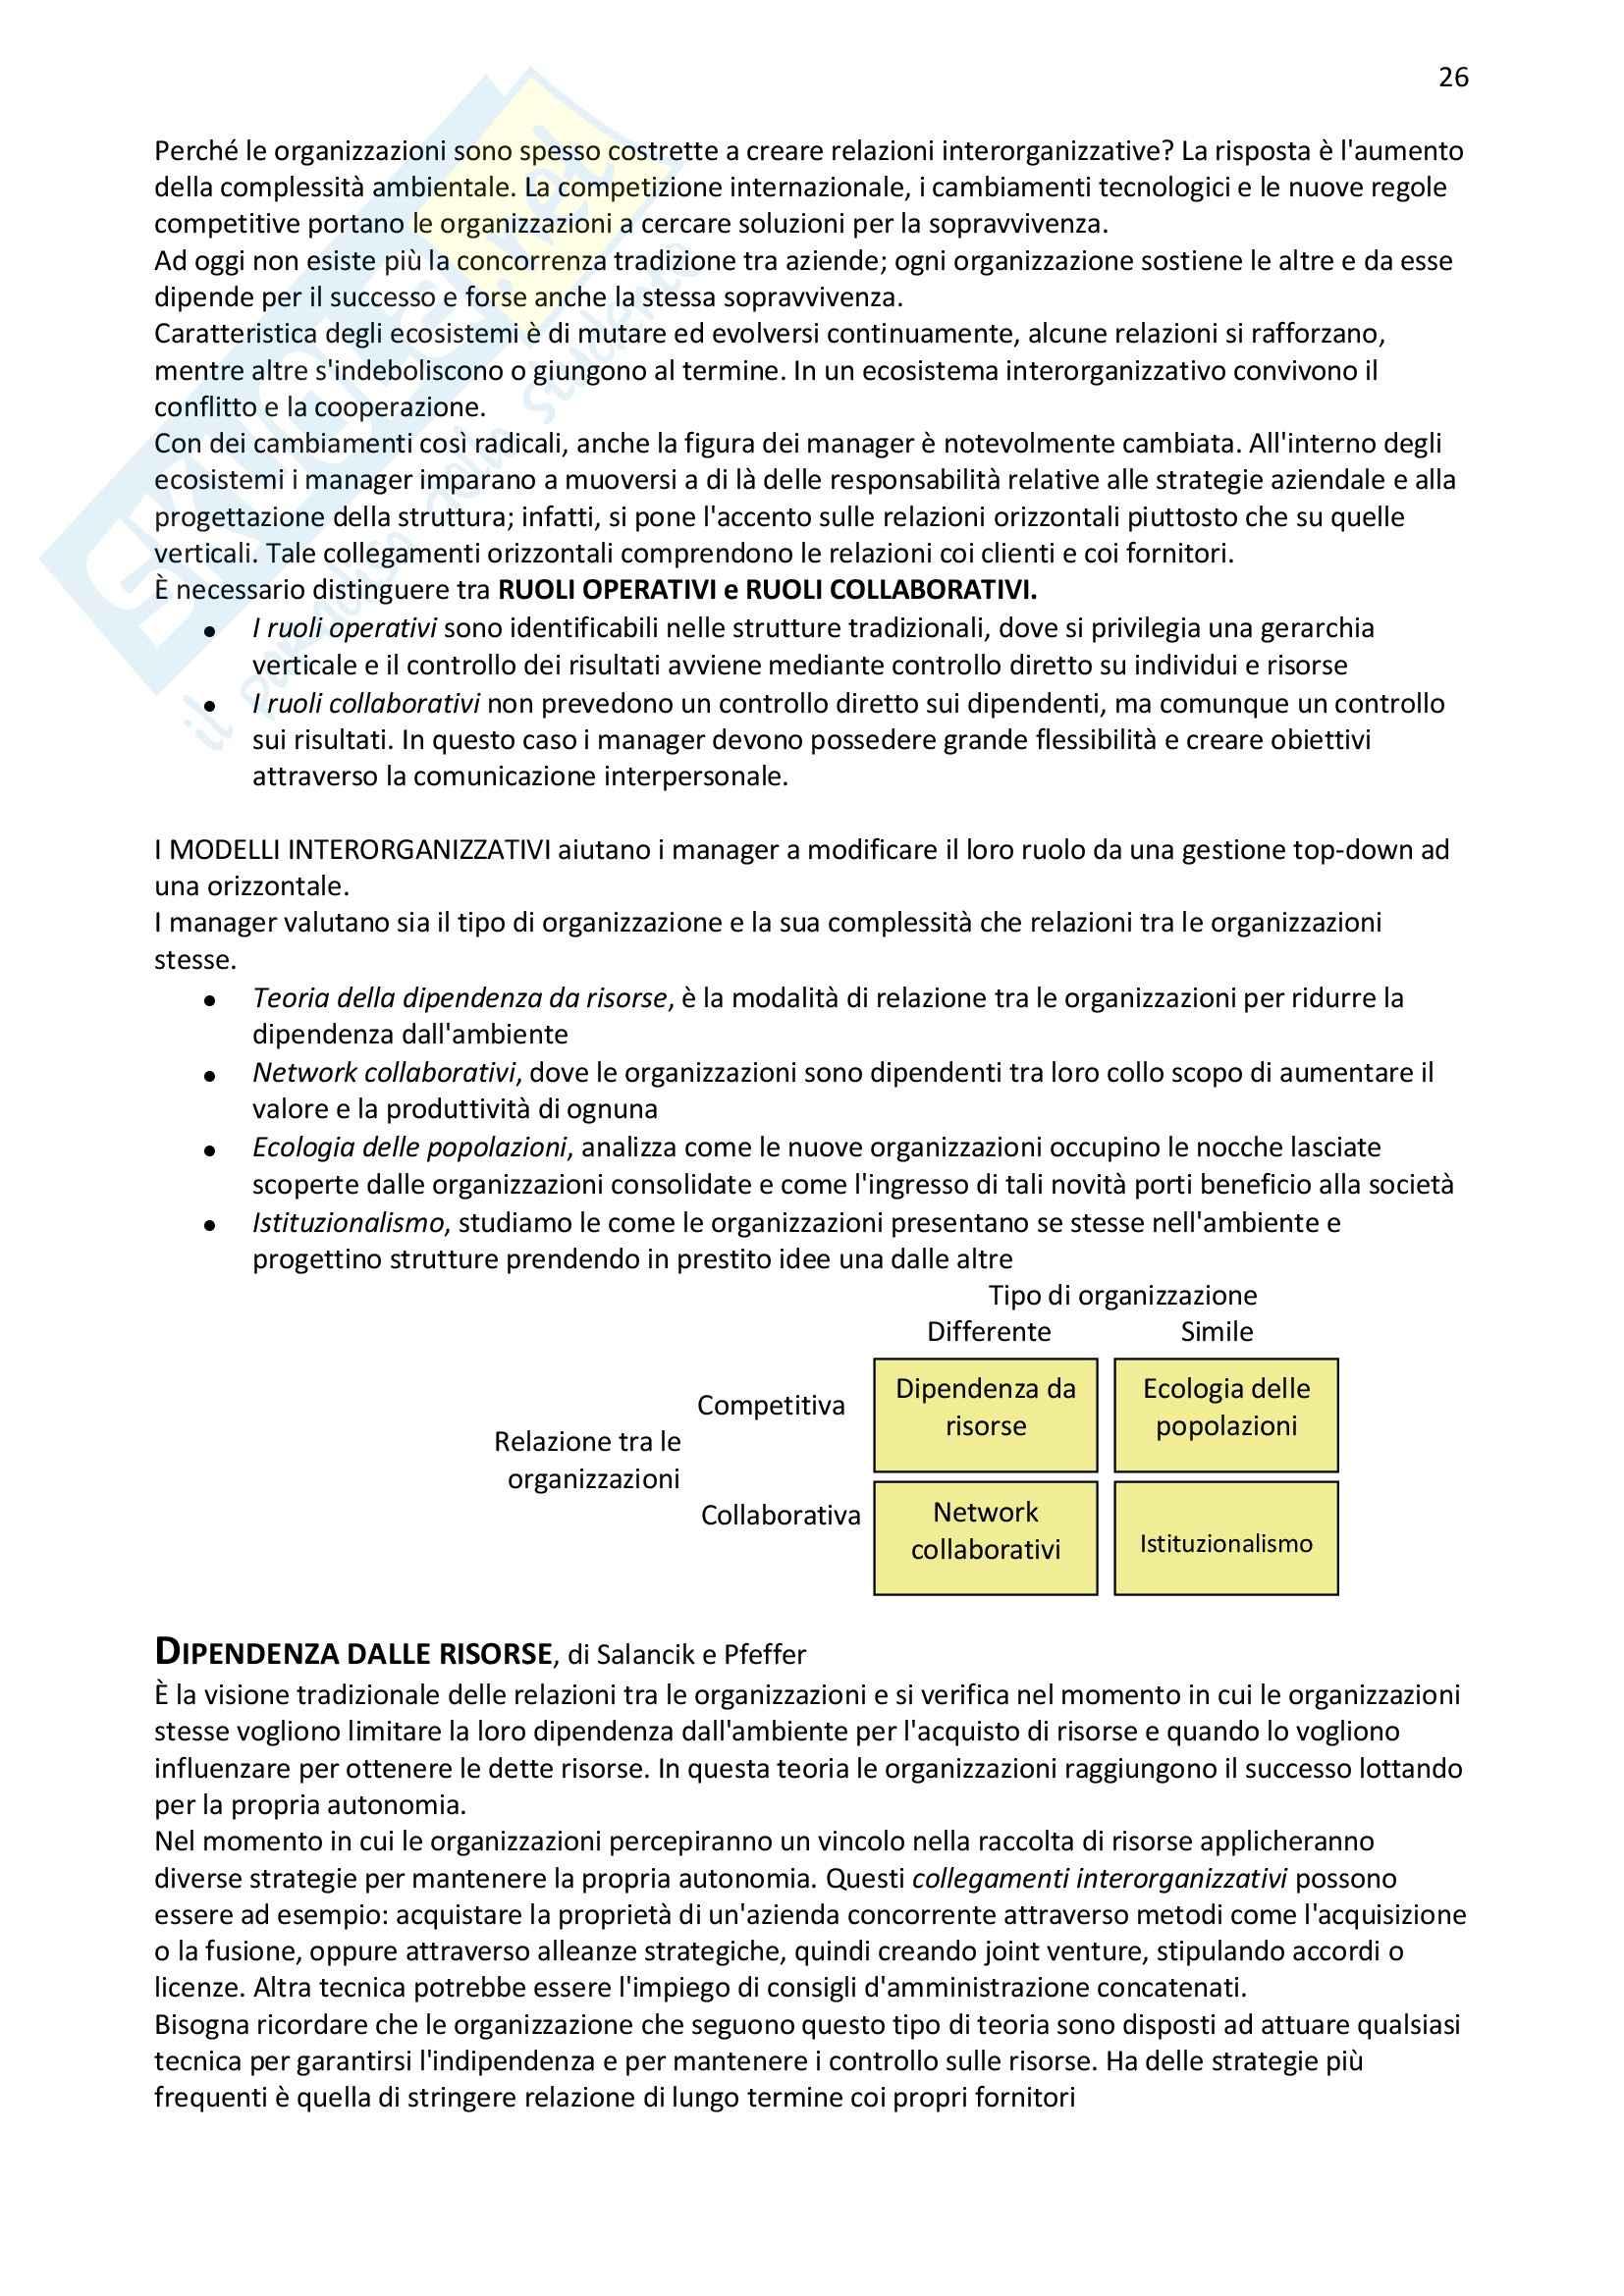 Riassunto esame Organizzazione Aziendale, prof. Bodega, libro consigliato Organizzazione Aziendale, Daft Pag. 26